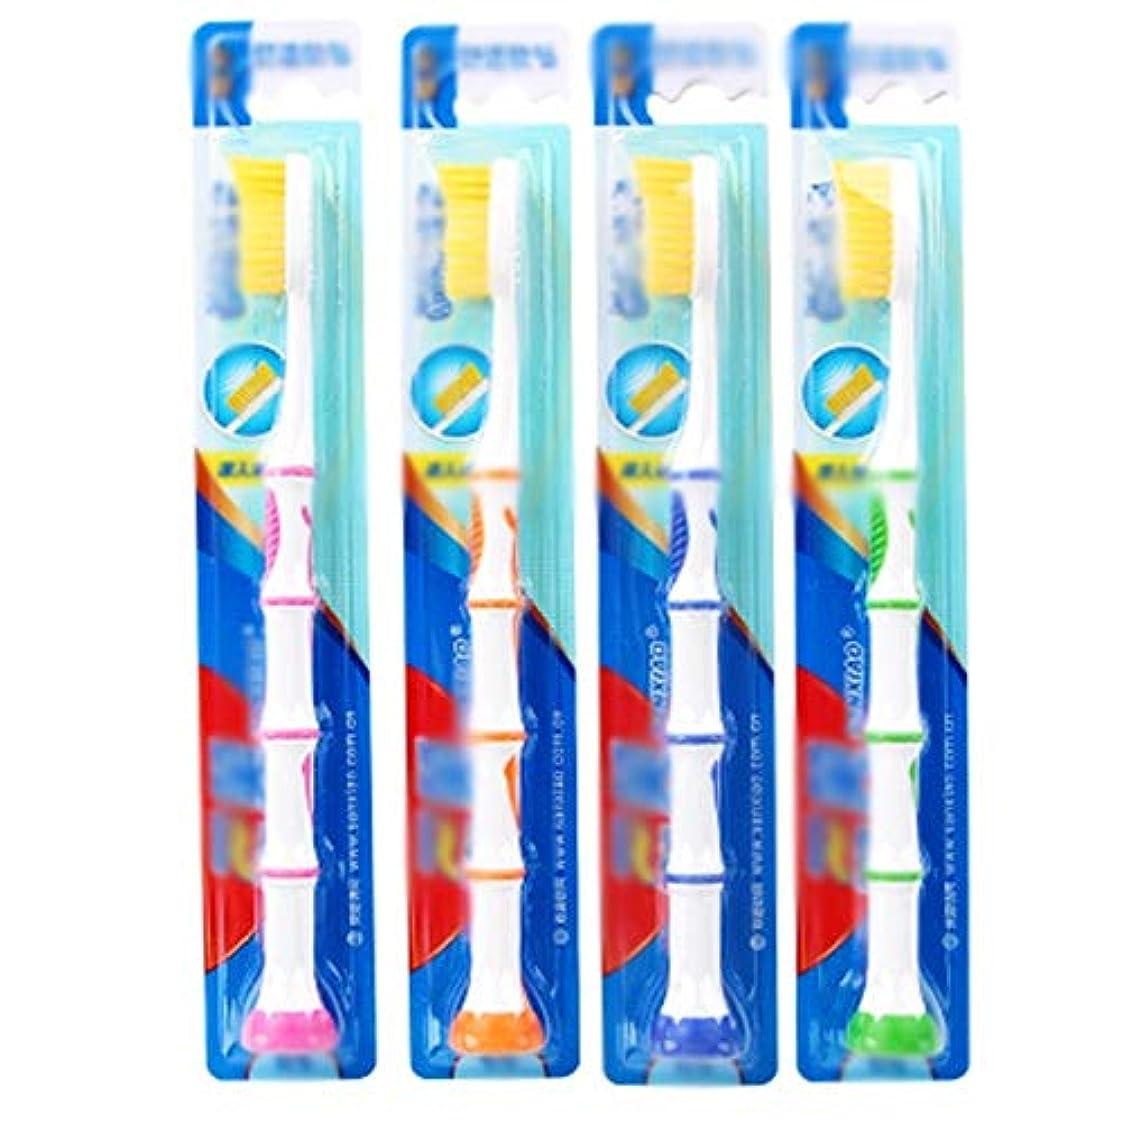 悪化させるインレイ道徳教育歯ブラシ 30歯ブラシ、快適な柔らかい歯ブラシ、大人歯ブラシ - 使用可能なスタイルの2種類 HL (色 : A, サイズ : 30 packs)